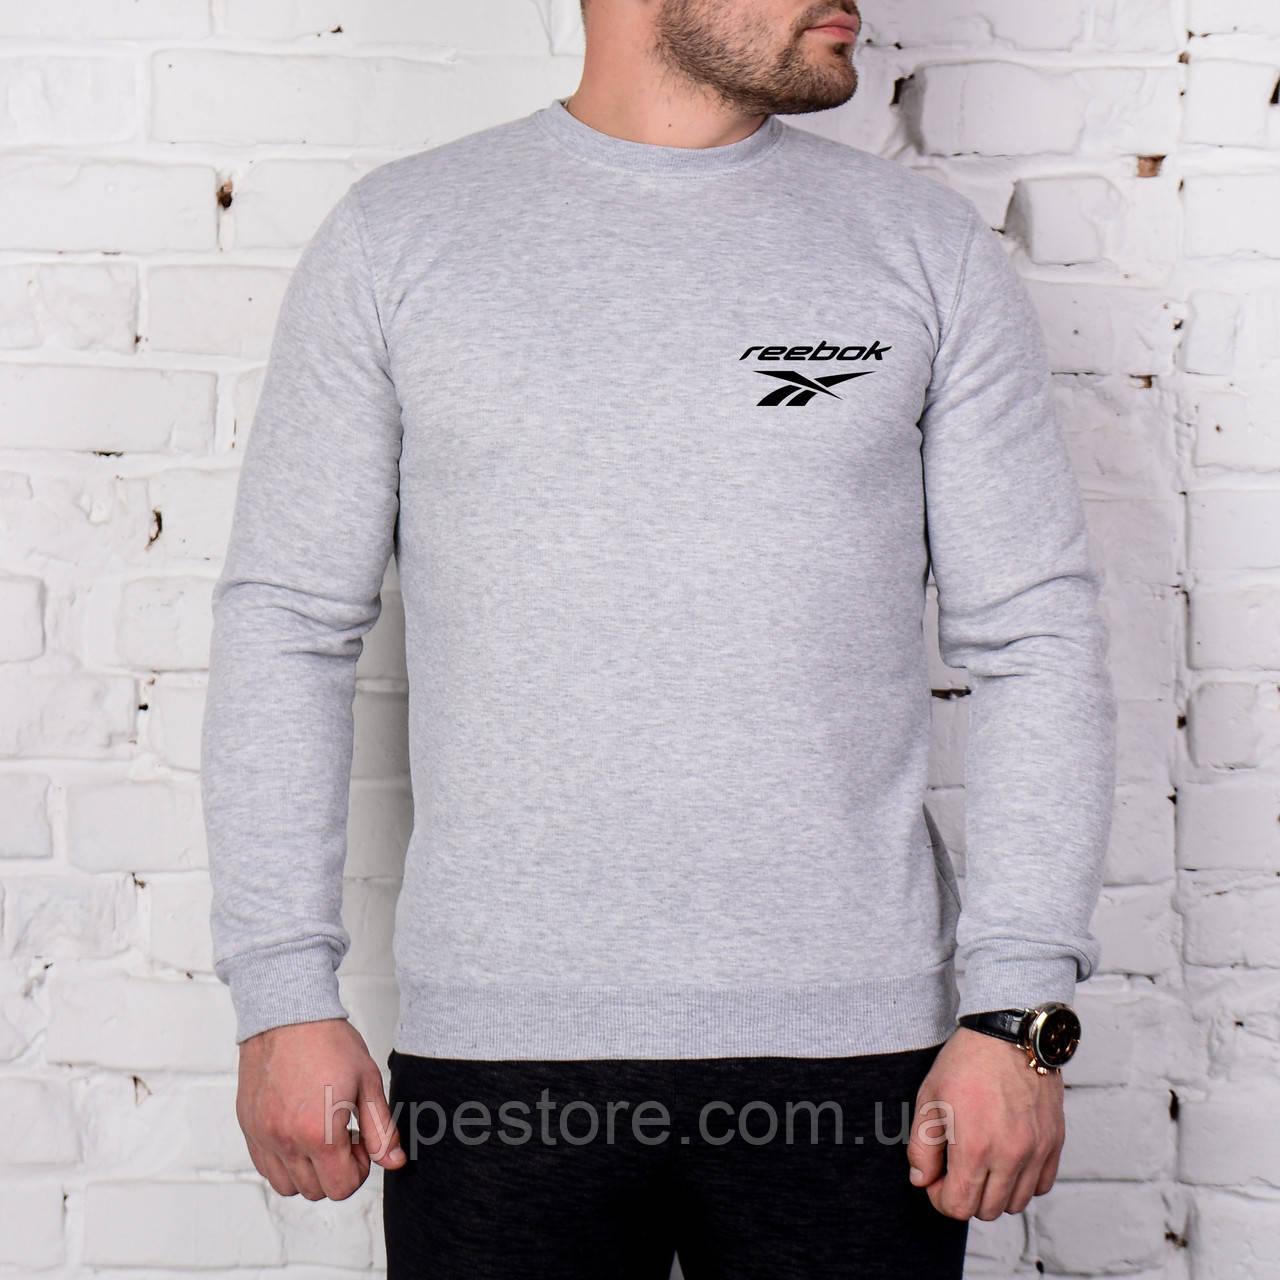 Мужской спортивный серый свитшот, кофта, лонгслив, реглан Reebok Classic, Реплика